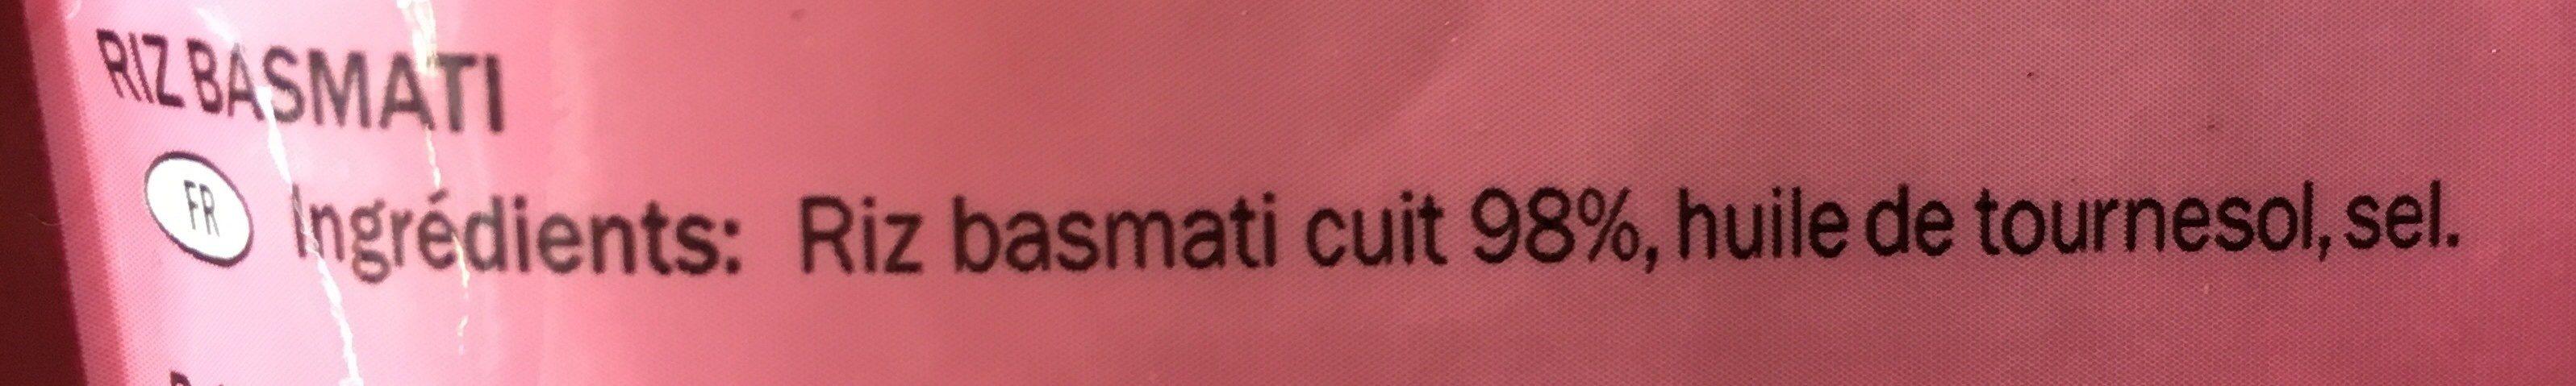 Arroz para microondas Basmati - Ingrédients